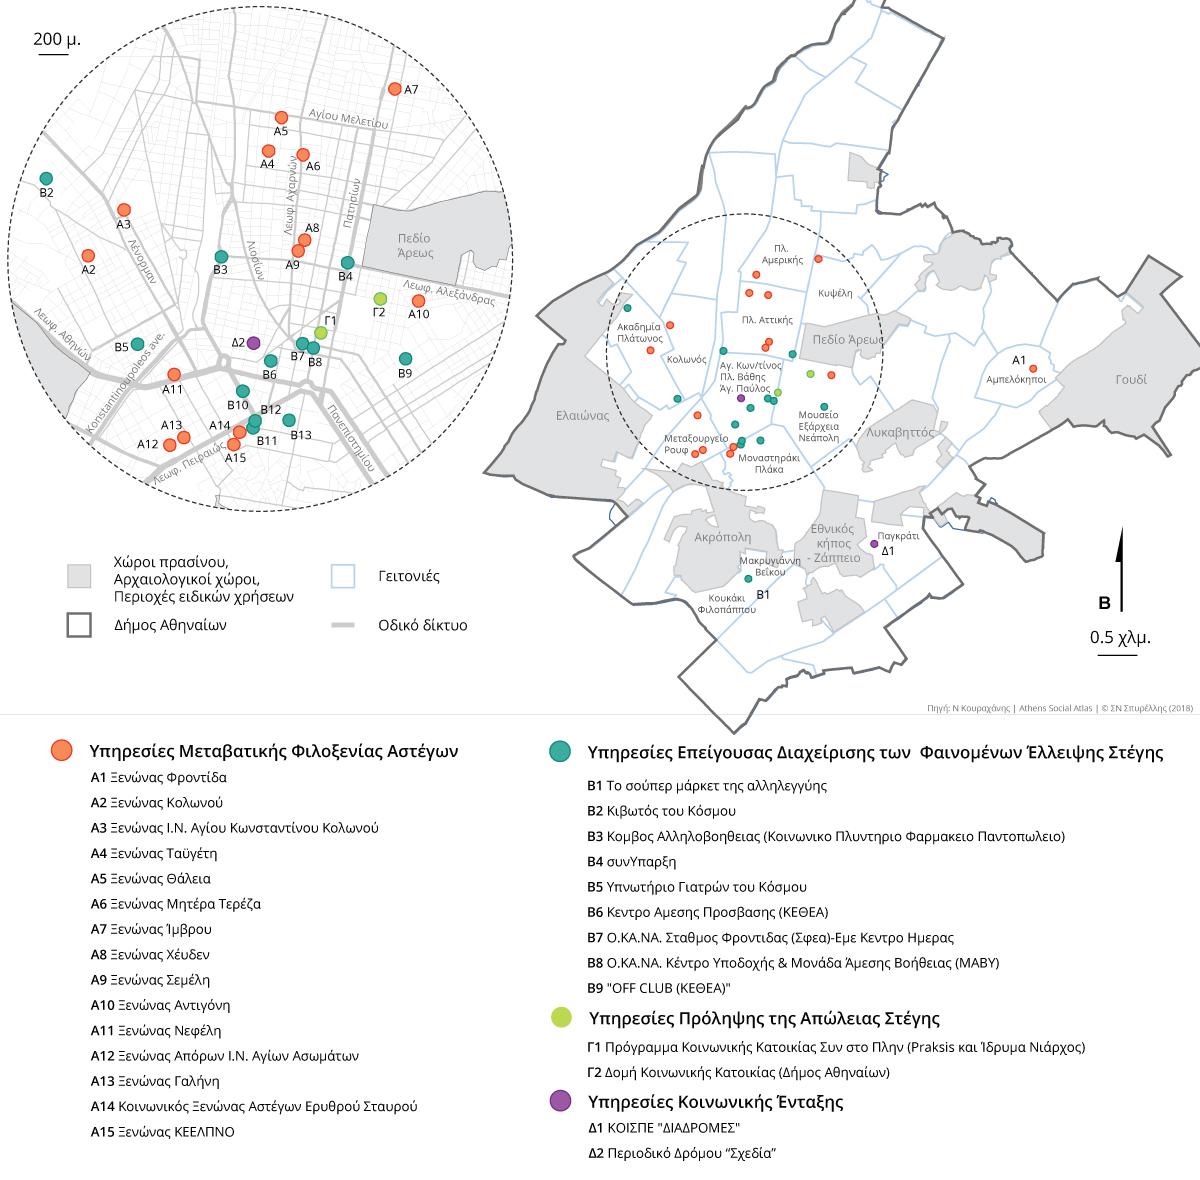 Χάρτης 1: Οι κυριότερες Υπηρεσίες και Δομές Στεγαστικής Υποστήριξης στην Αθήνα